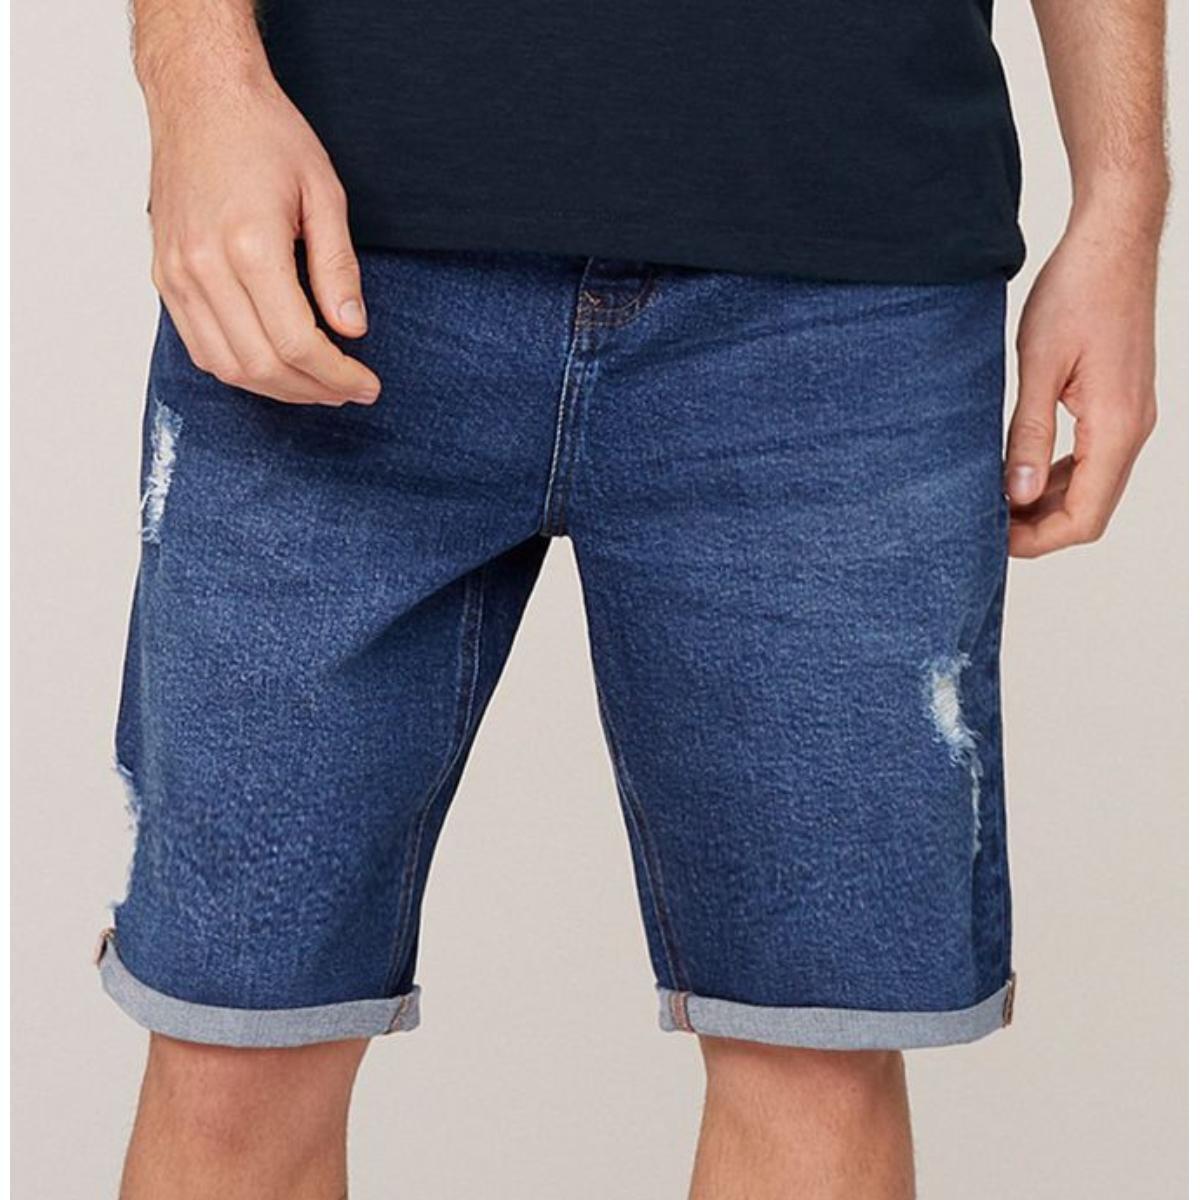 Bermuda Masculina Dzarm Zc4v 1csn Jeans Escuro